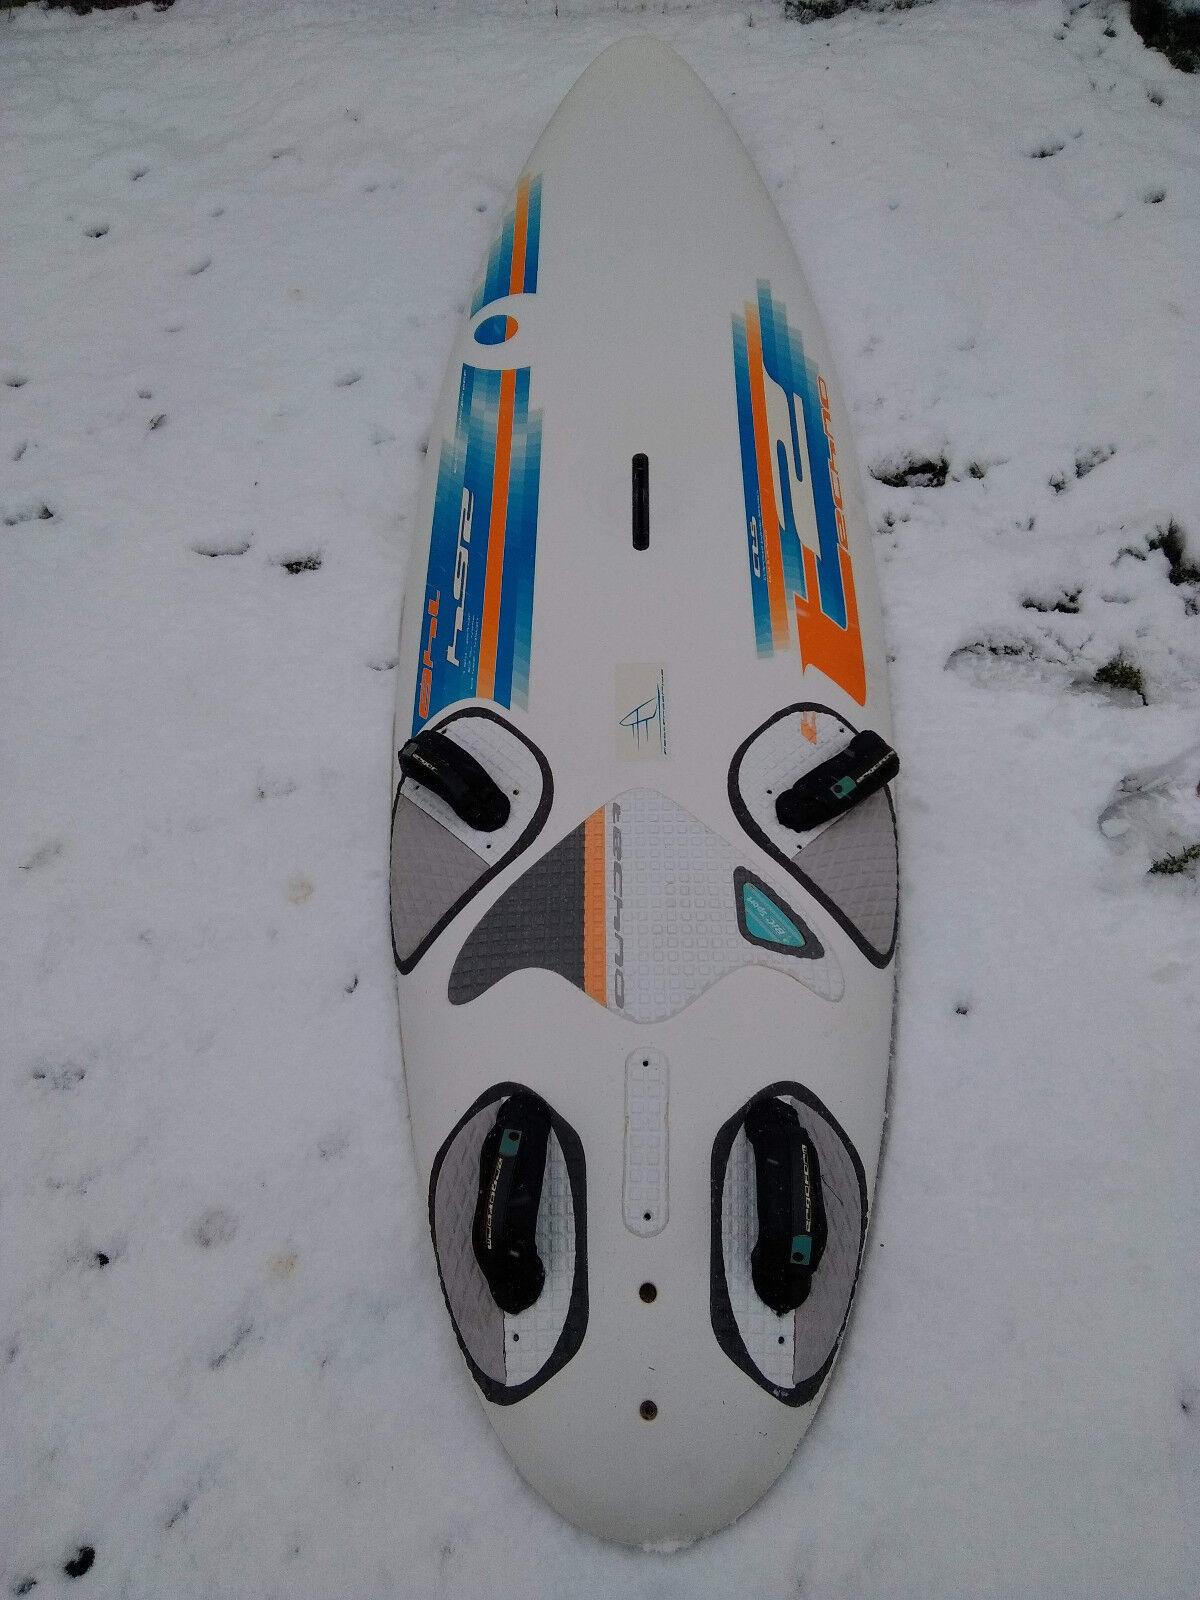 BIC Surfbrett 148 148 Surfbrett Liter, WIndsurfen, Windsurfbrett 97a40d